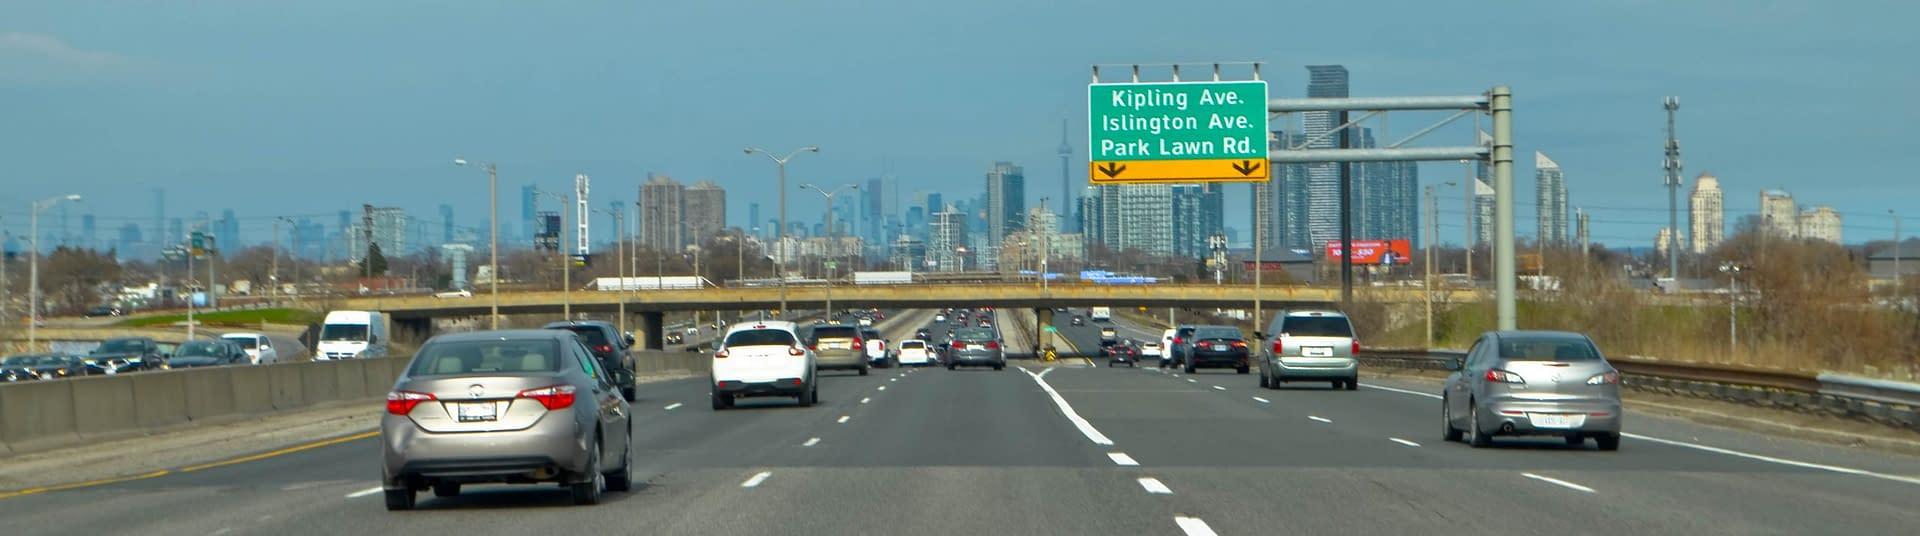 Highway in Toronto